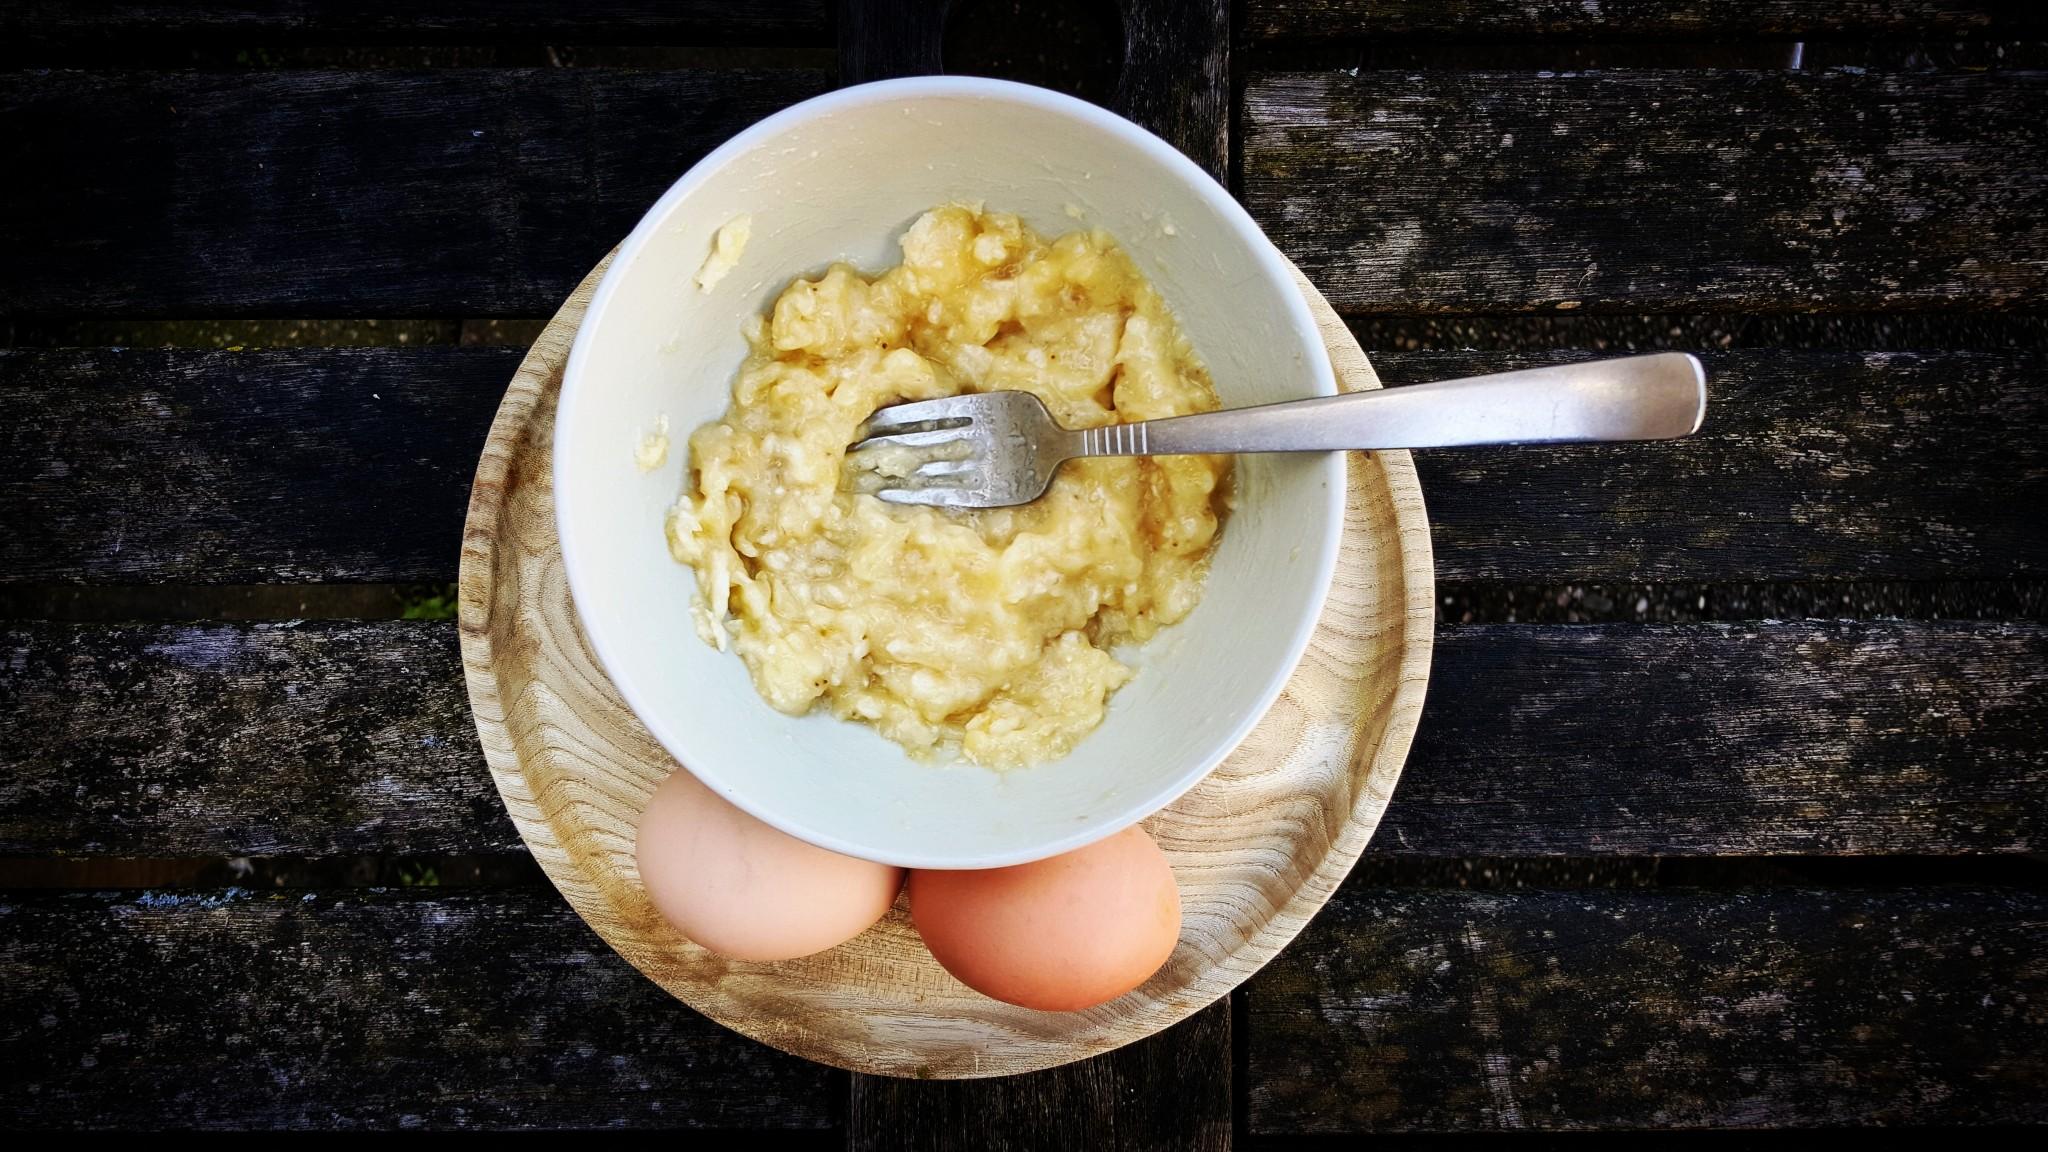 bananenpannenkoek recept stap 1 de banaan prakken